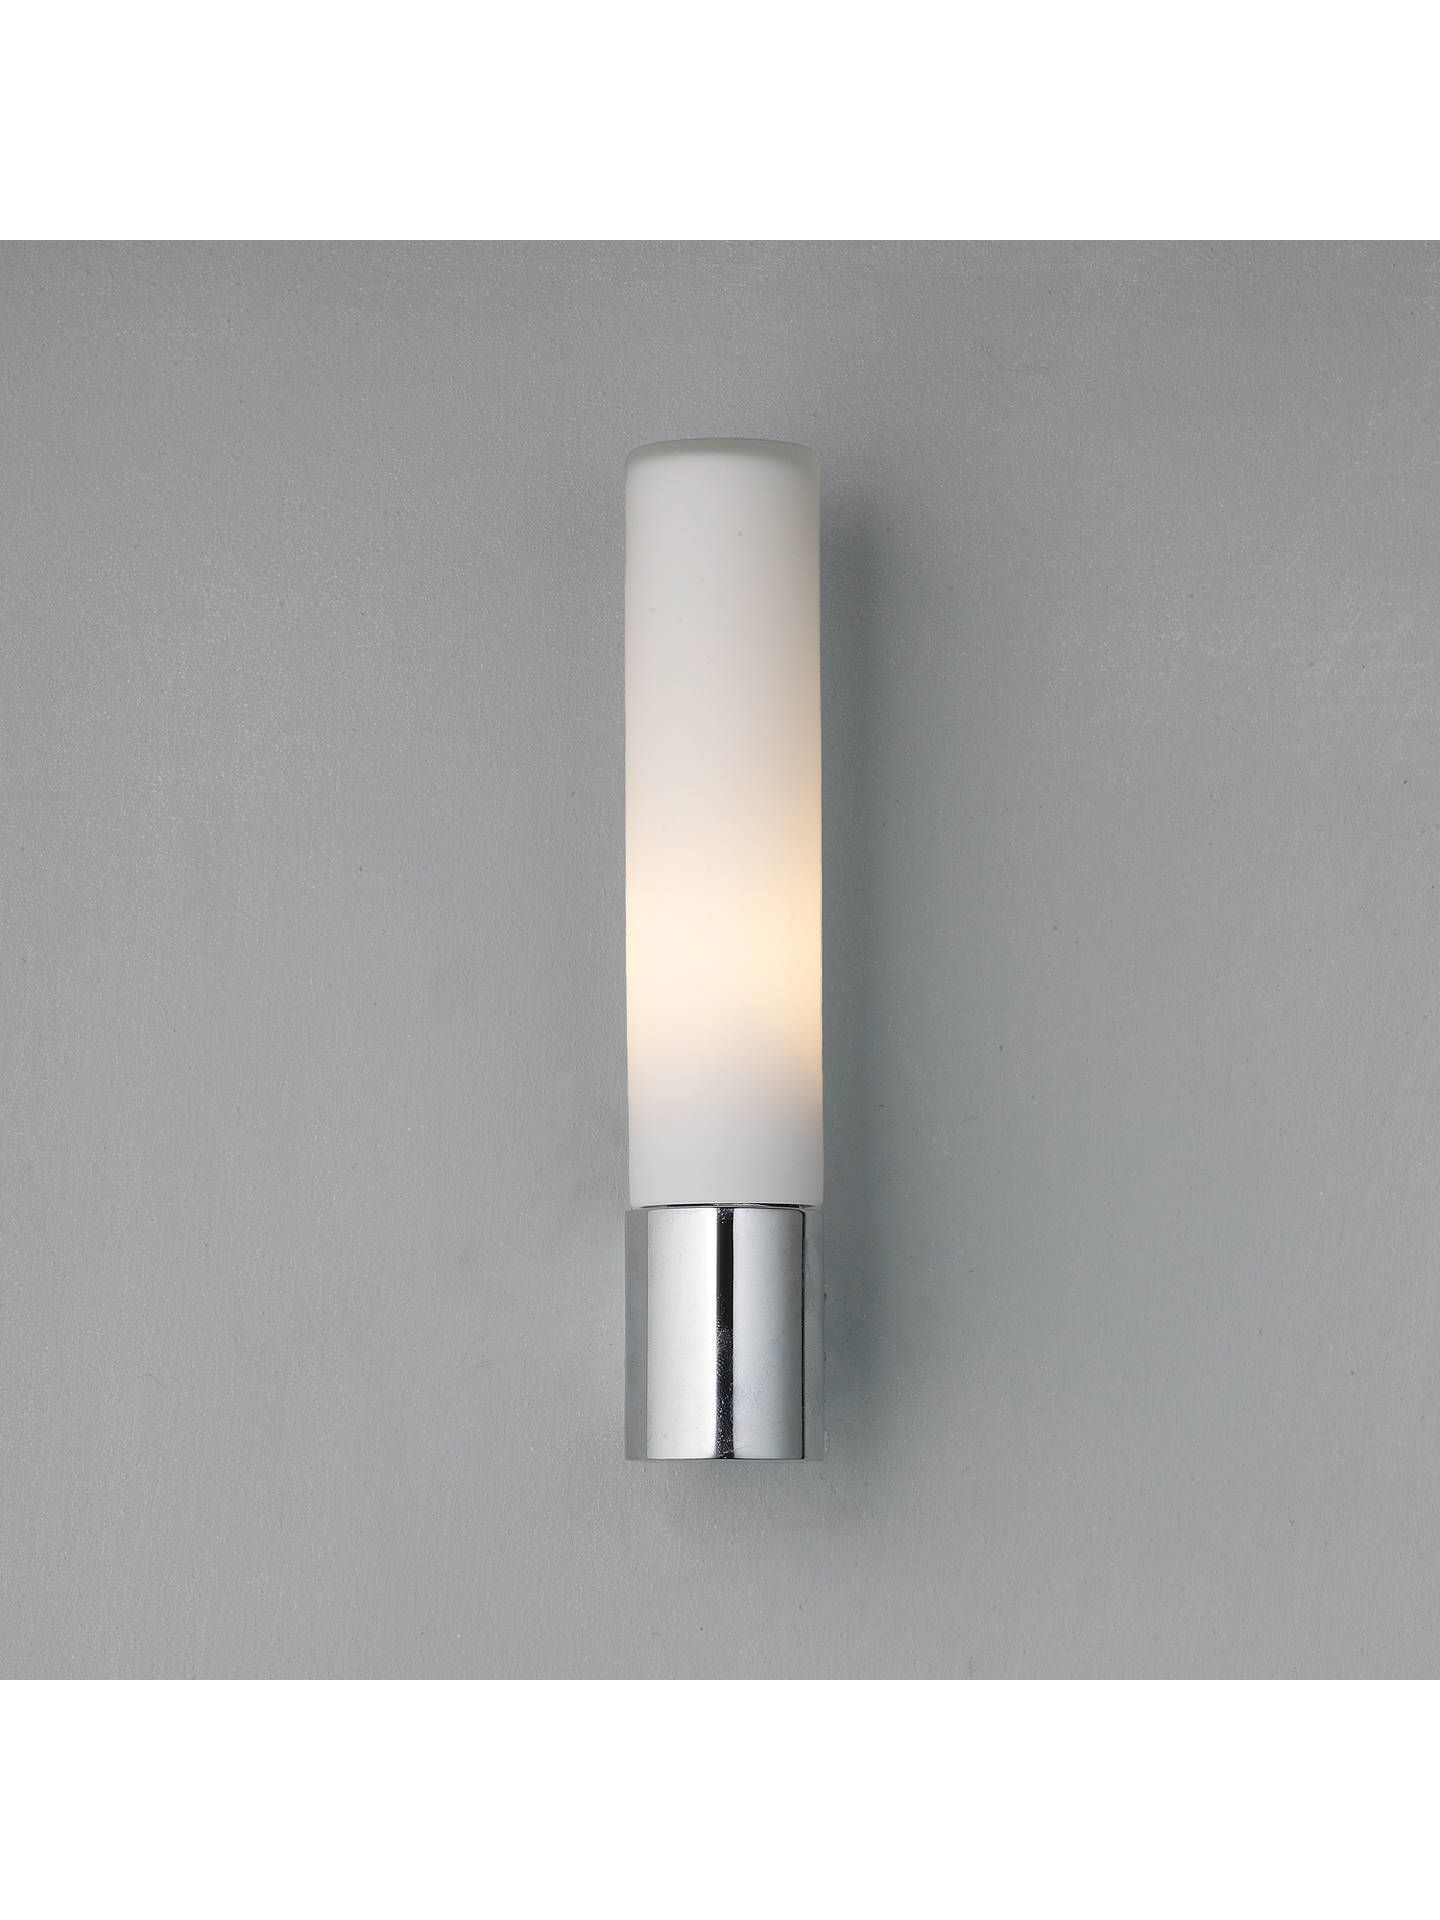 Astro Bari Bathroom Wall Light Lighting Villa